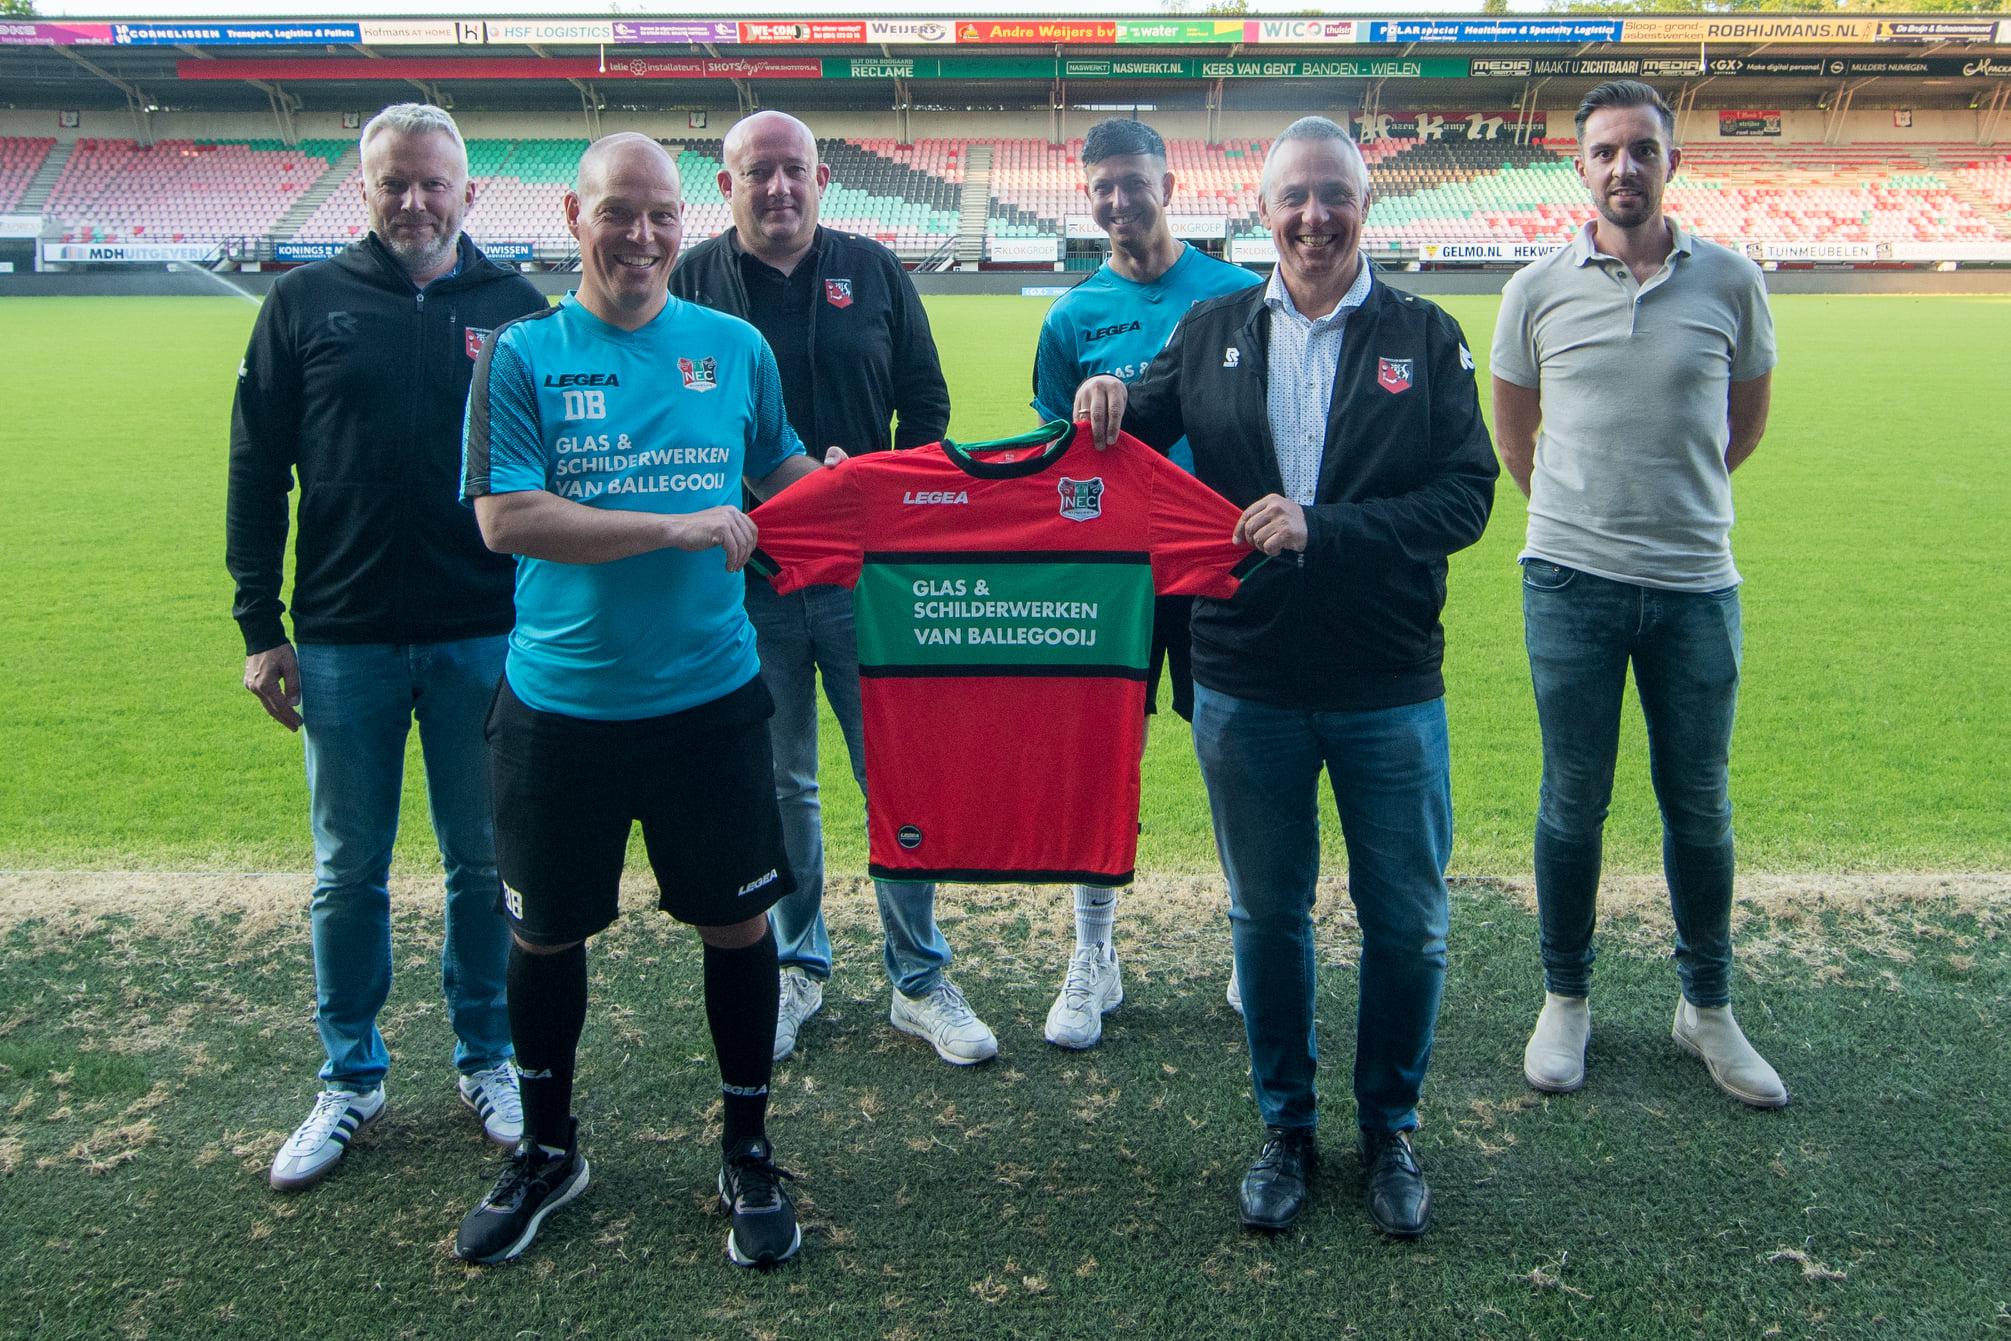 Samenwerking SC Bemmel en N.E.C. voetbalacademie